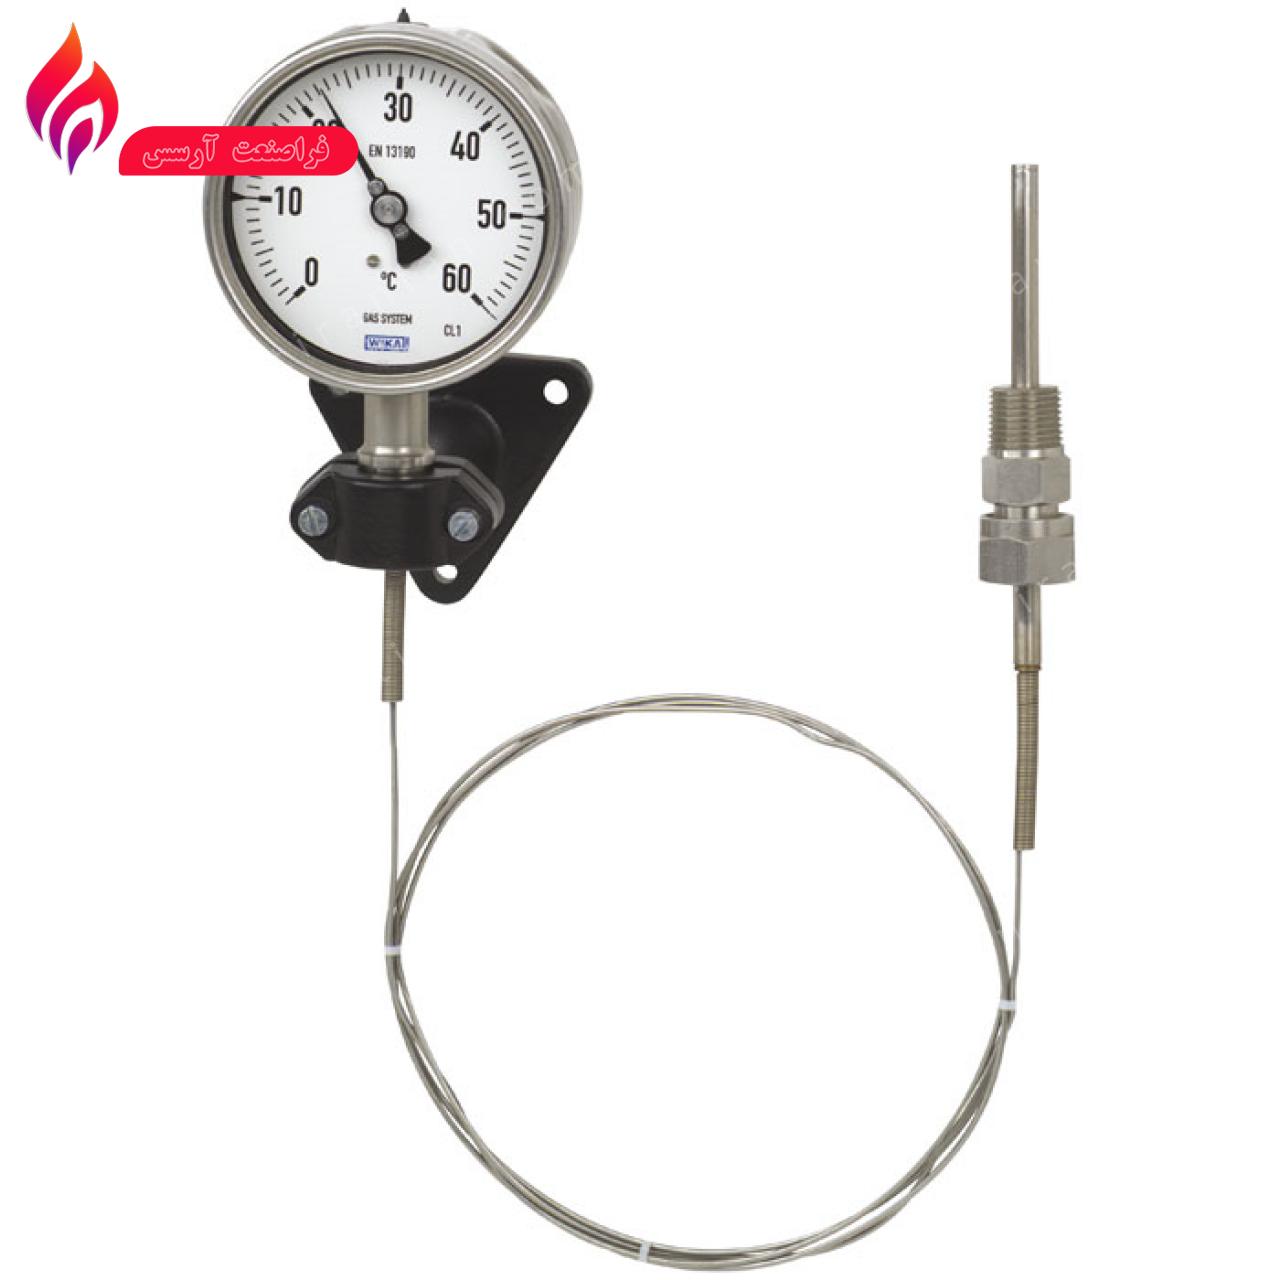 گیج دما (ترمومتر گاز اکچوئیتد) ویکا مدل  F73